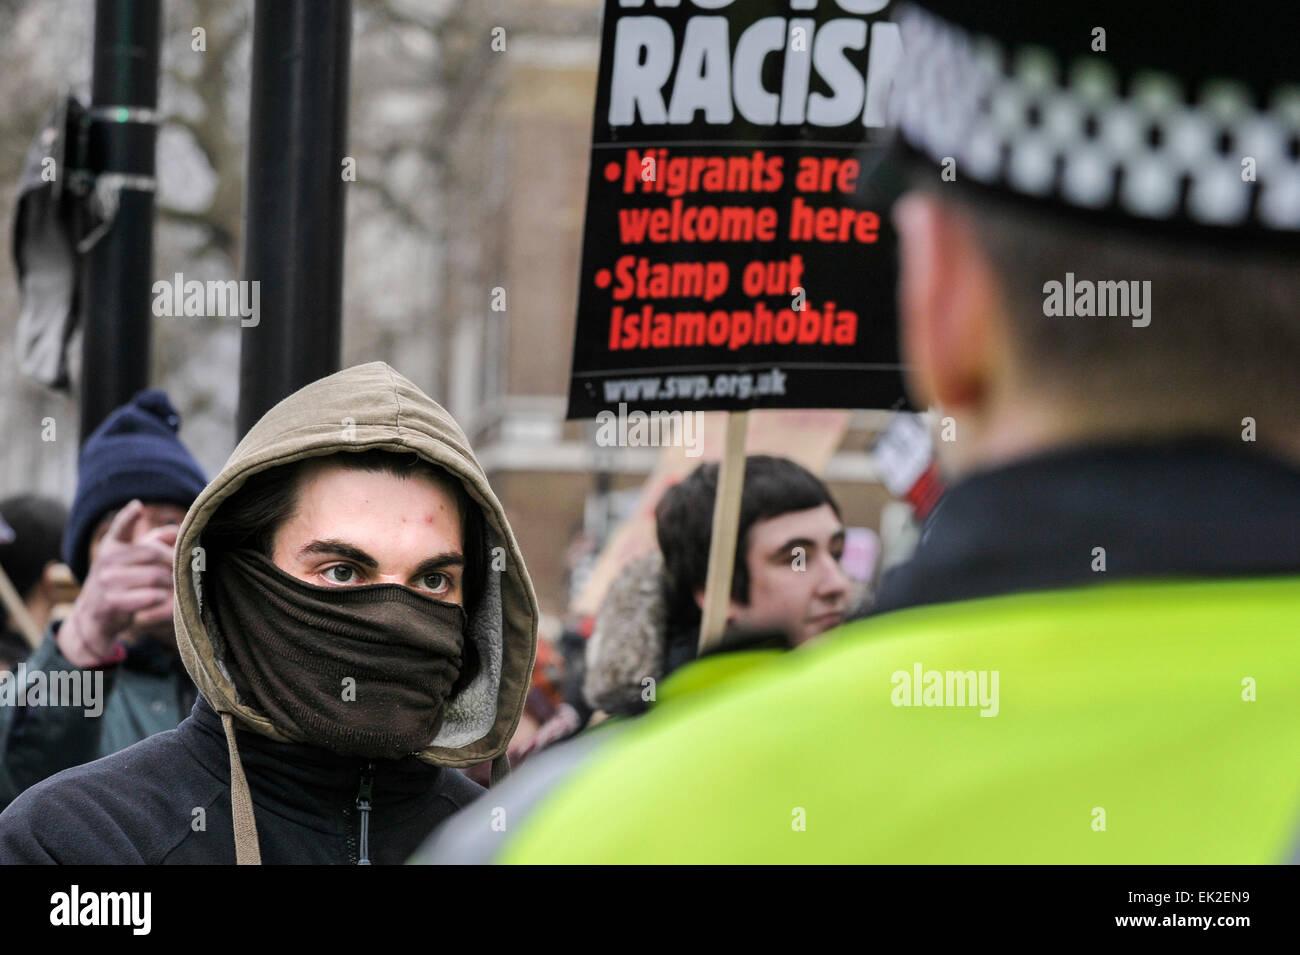 Antifascistas que enfrenta la policía en una manifestación contra Pergida en Whitehall. Imagen De Stock